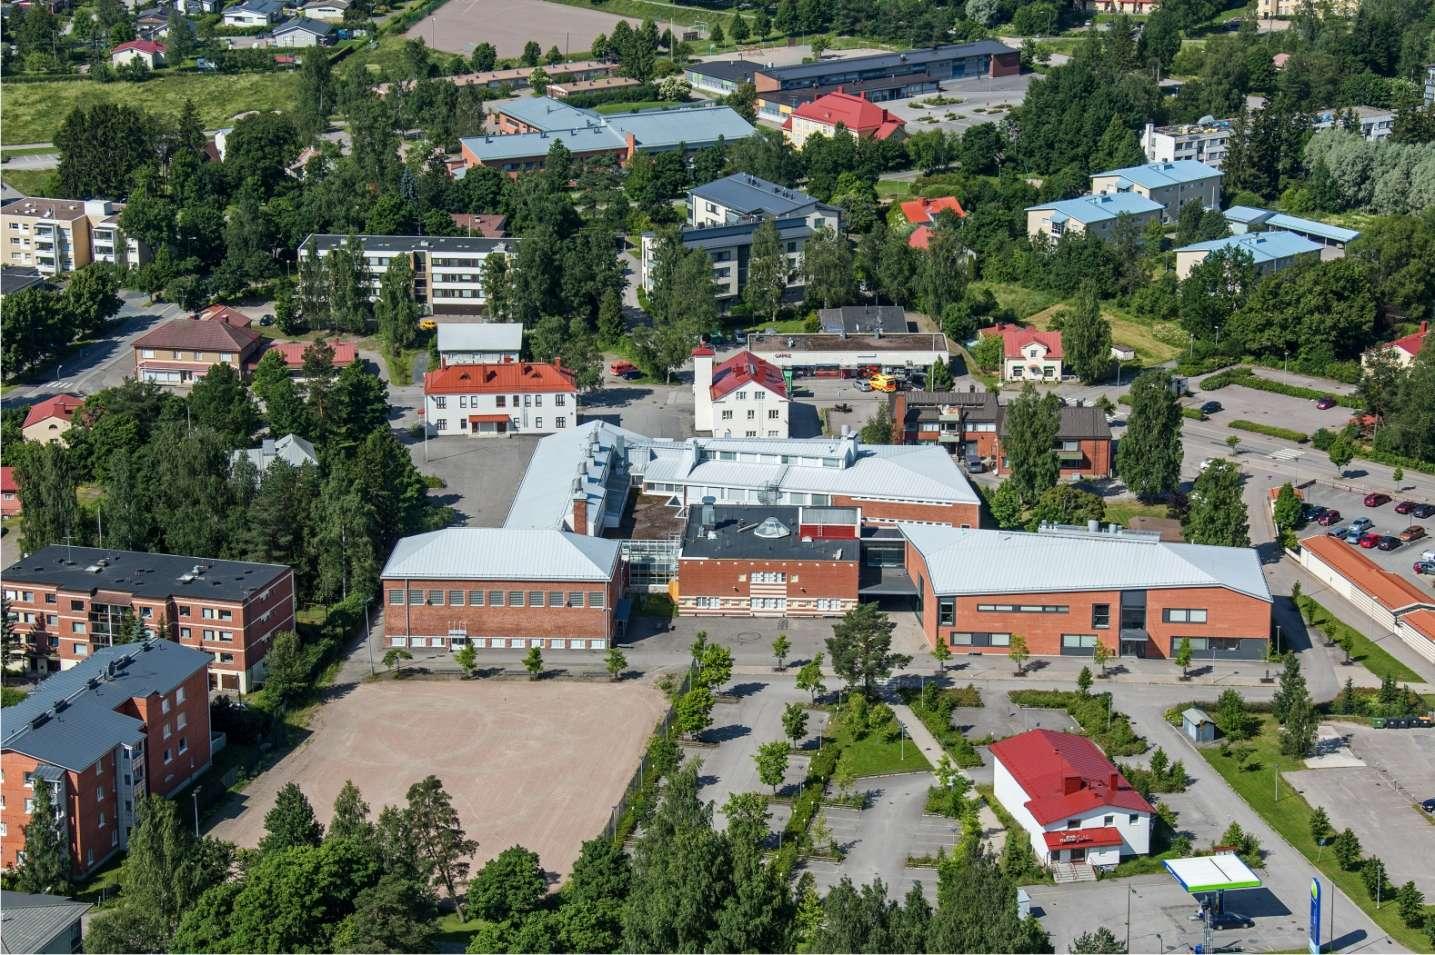 Nurmijärven Yhteiskoulu